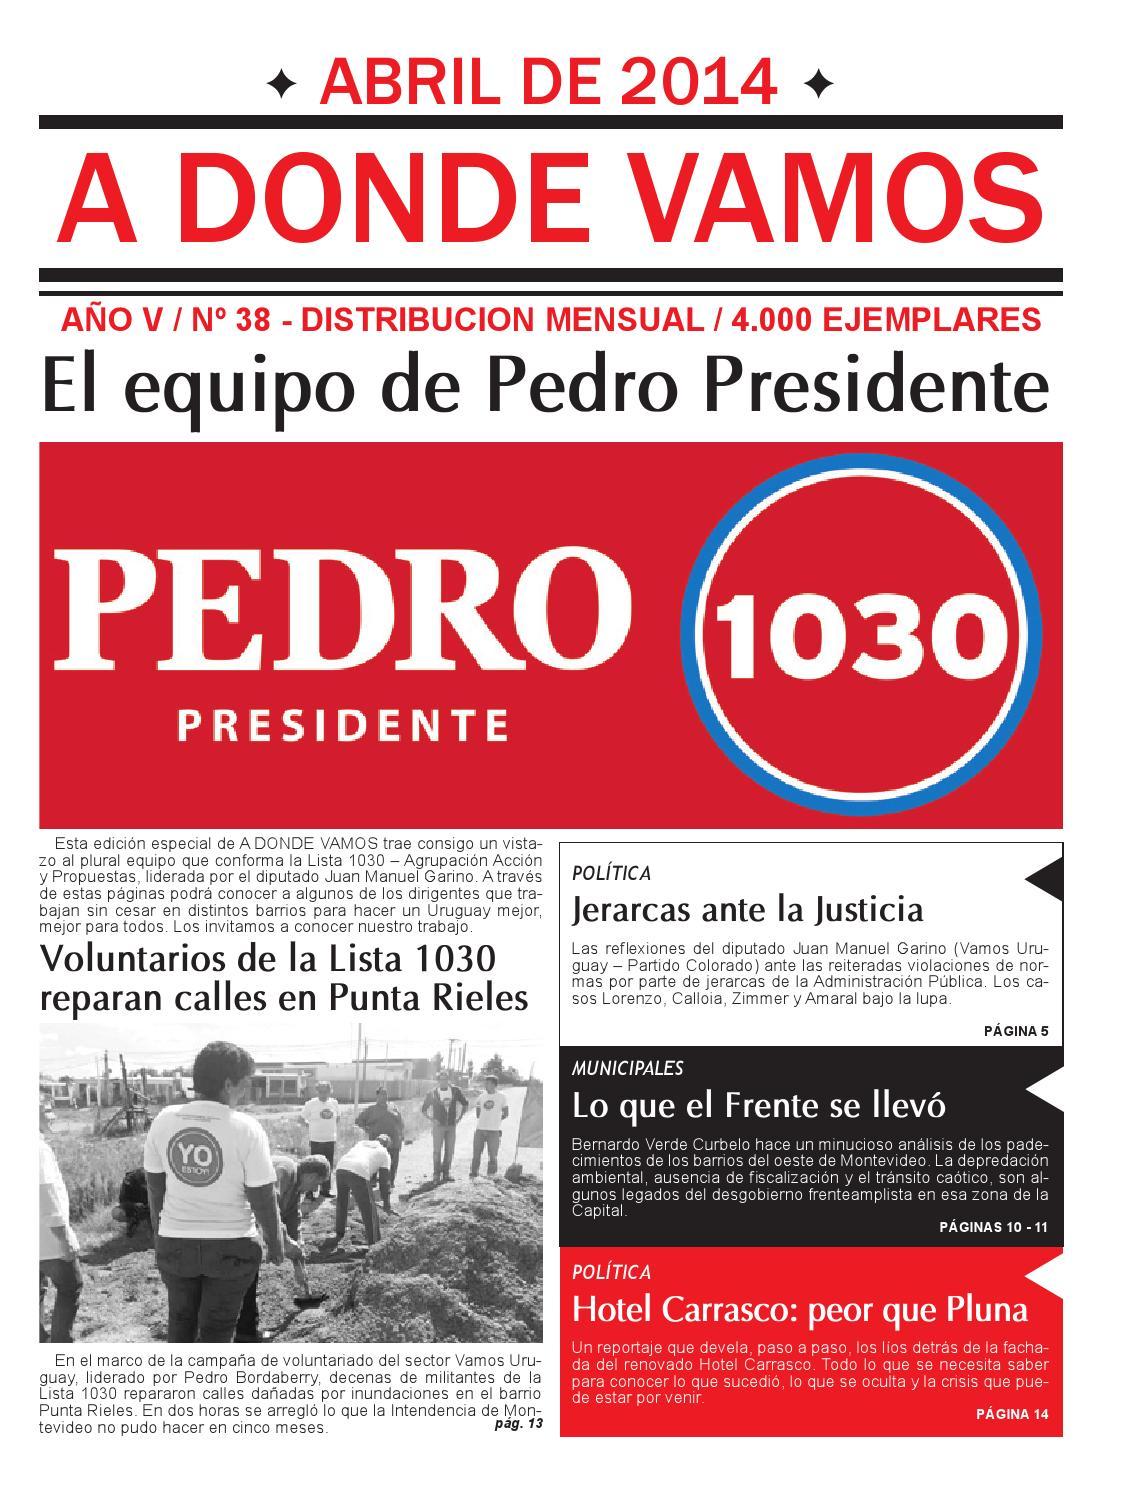 38 ADV Abril 2014 by Lista 1030 Acción y Propuestas - issuu